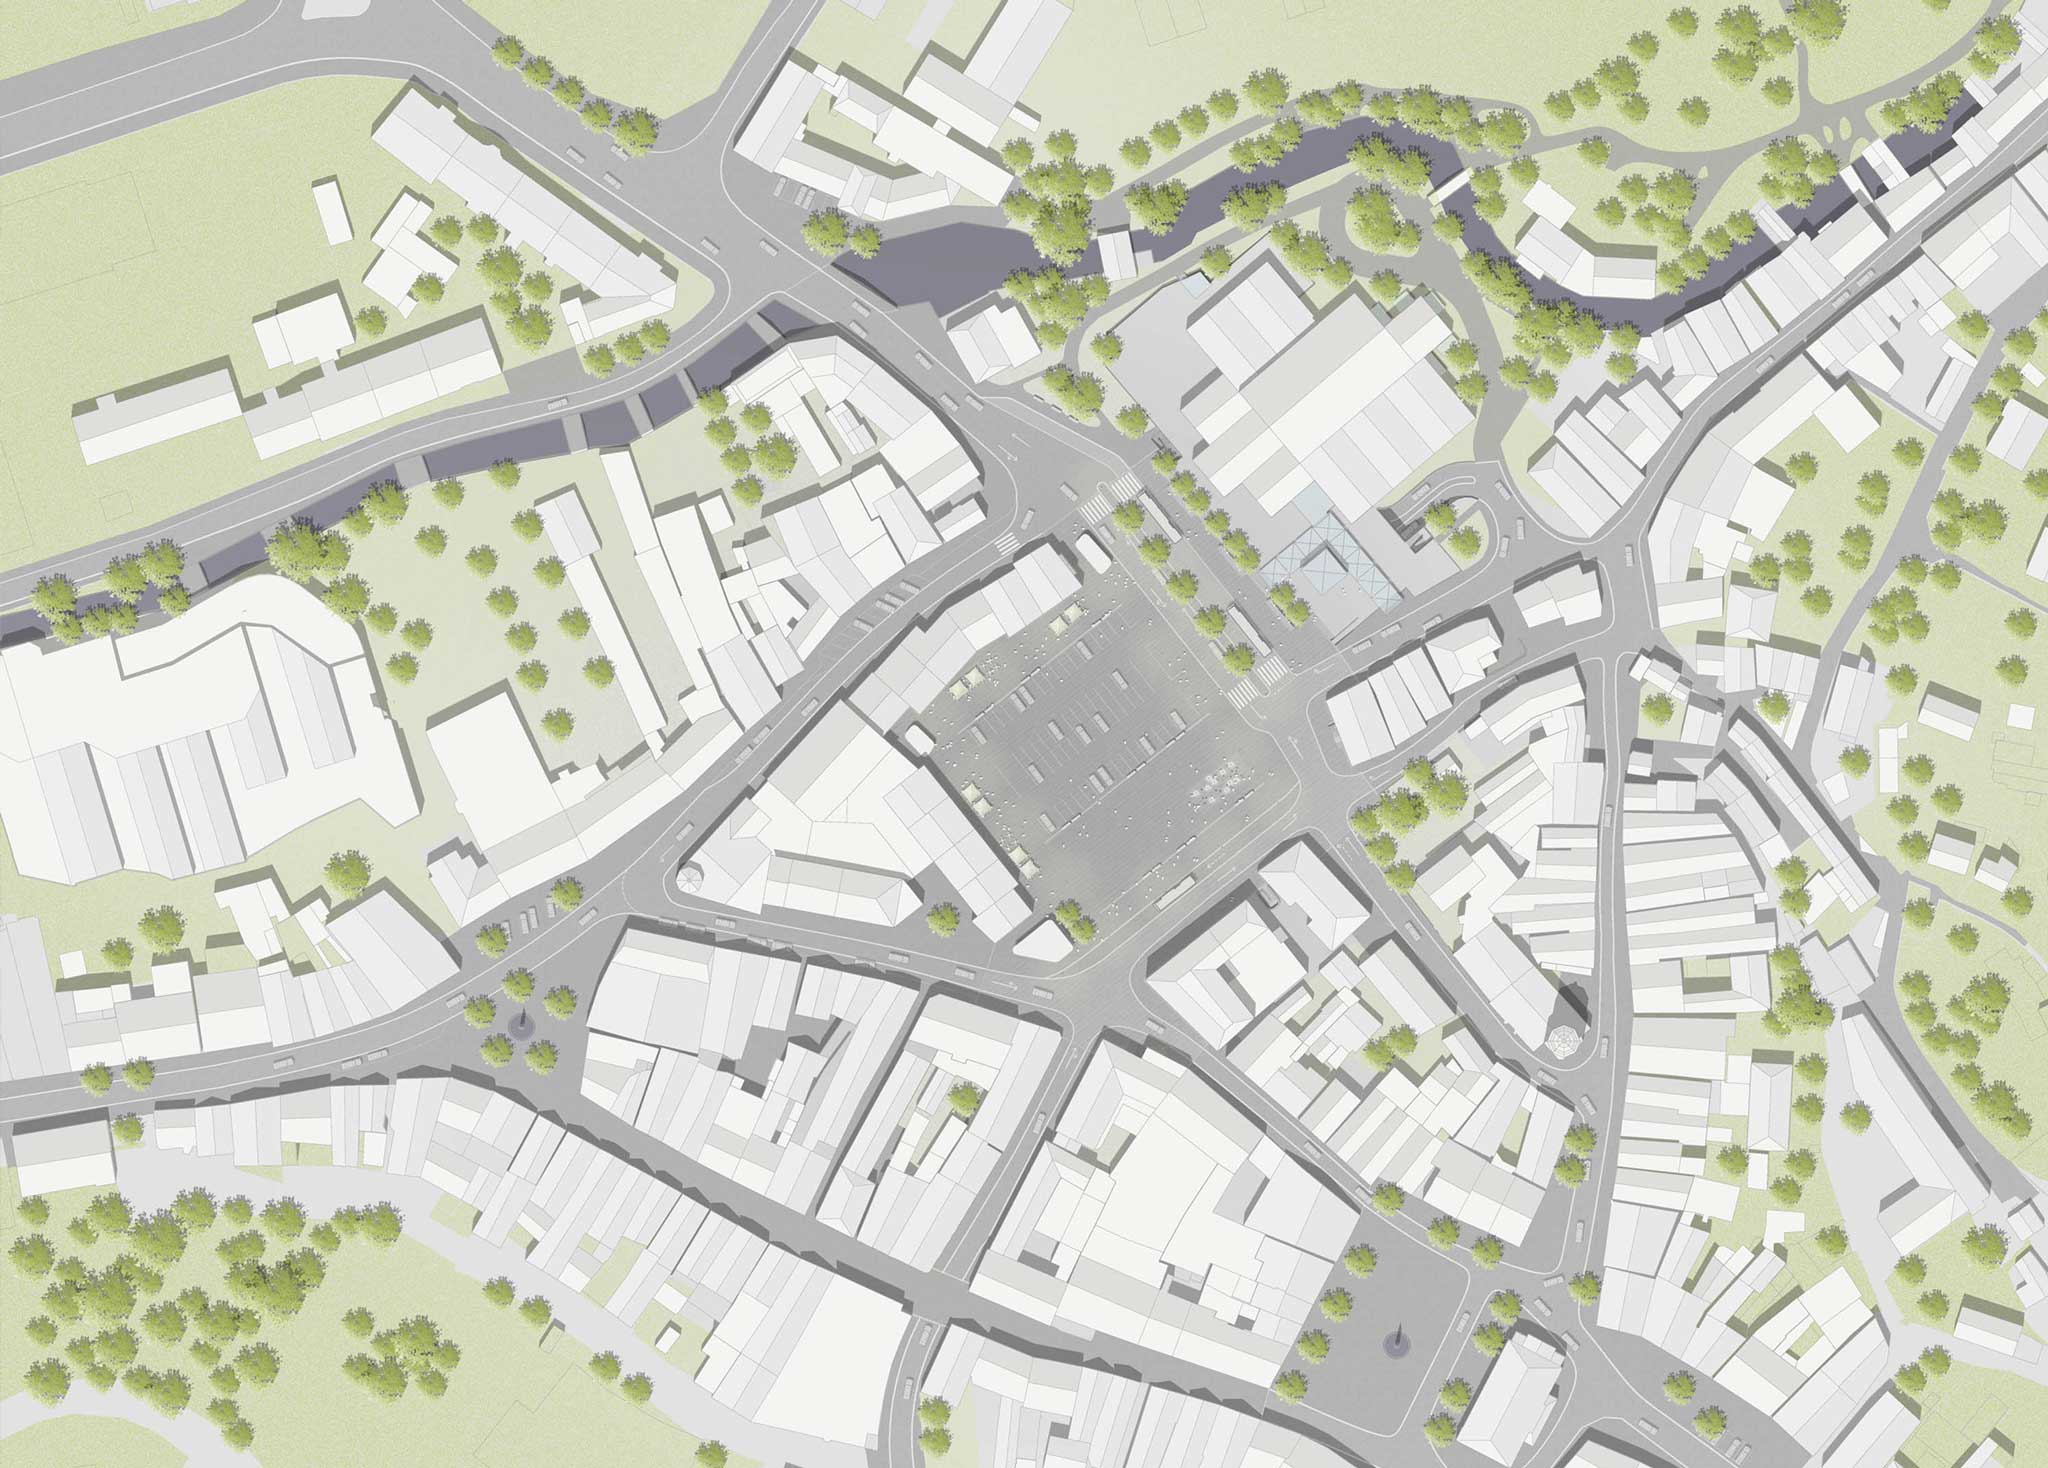 Landschaftsarchitektur Gestaltung Zentralparkplatz Kulmbach